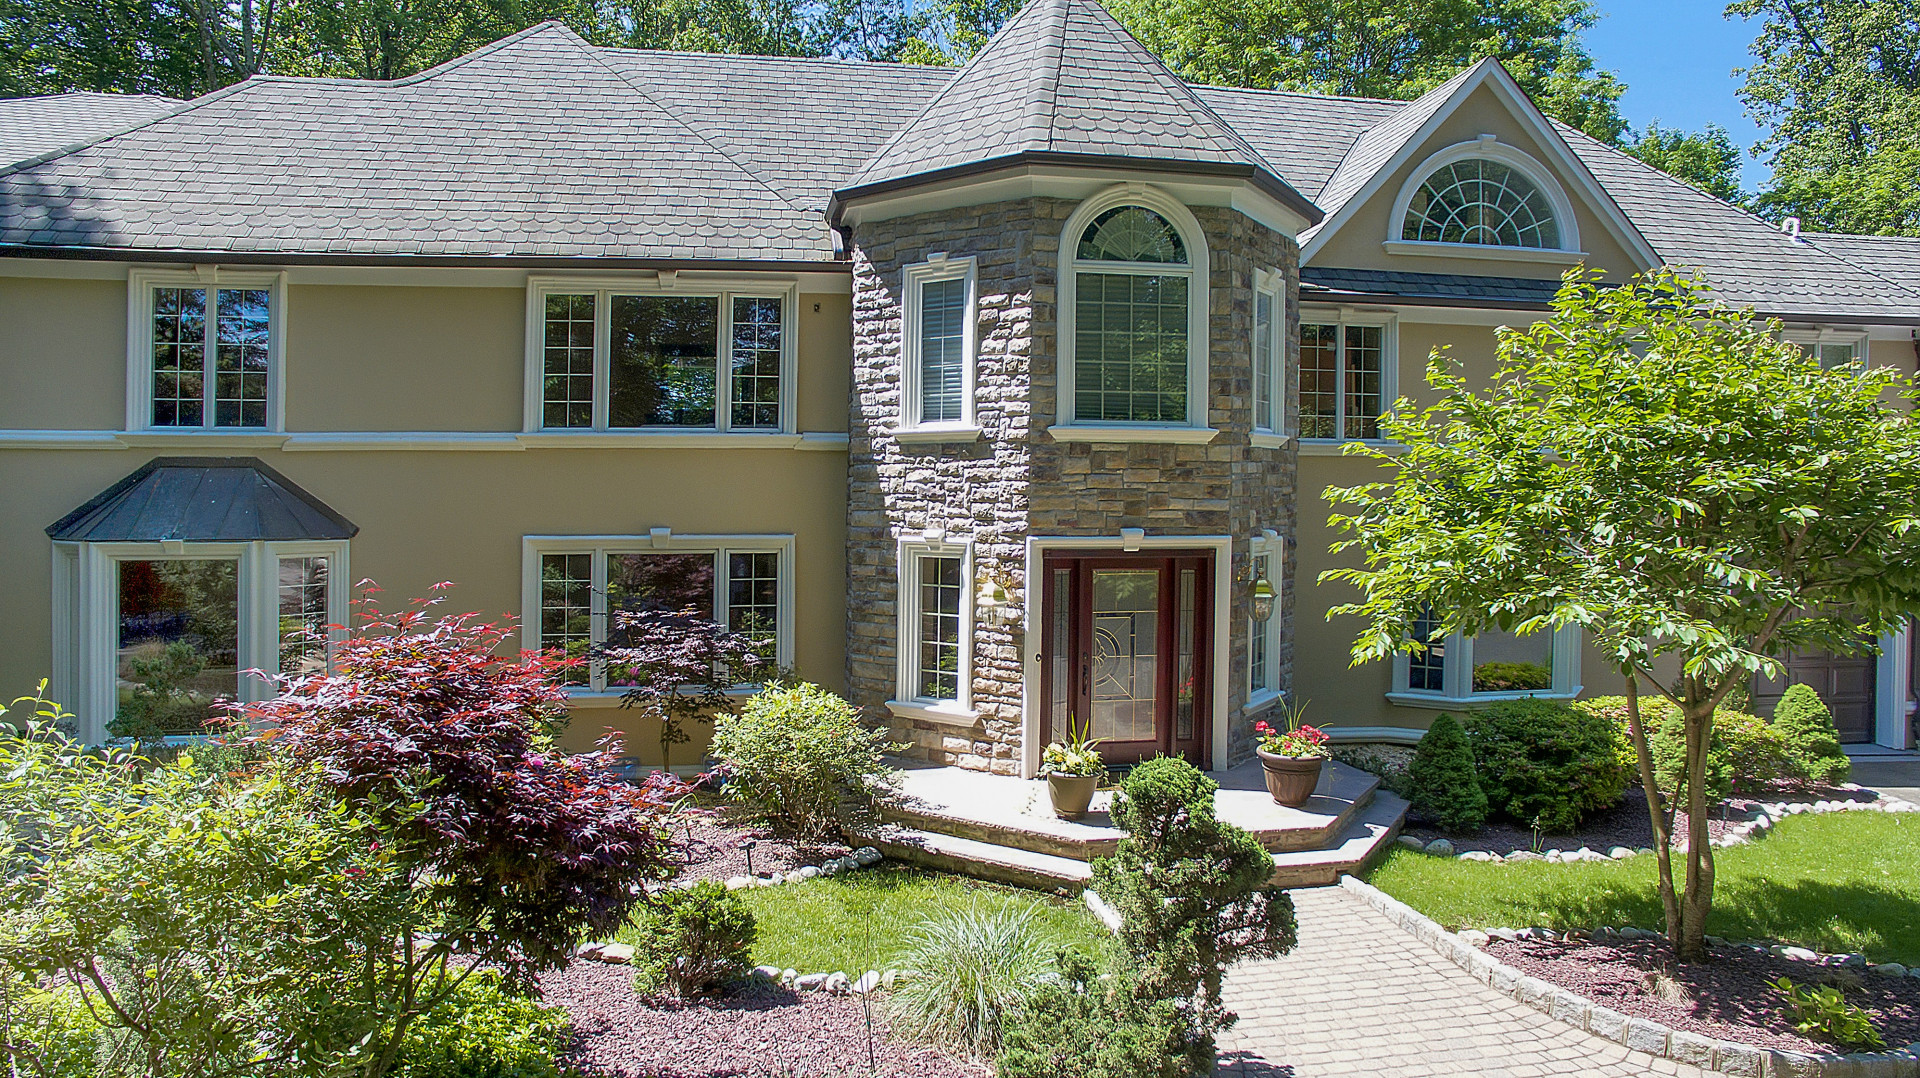 独户住宅 为 销售 在 Masterfully Built ! 133 Chestnut Ridge Rd 马鞍河, 新泽西州 07458 美国